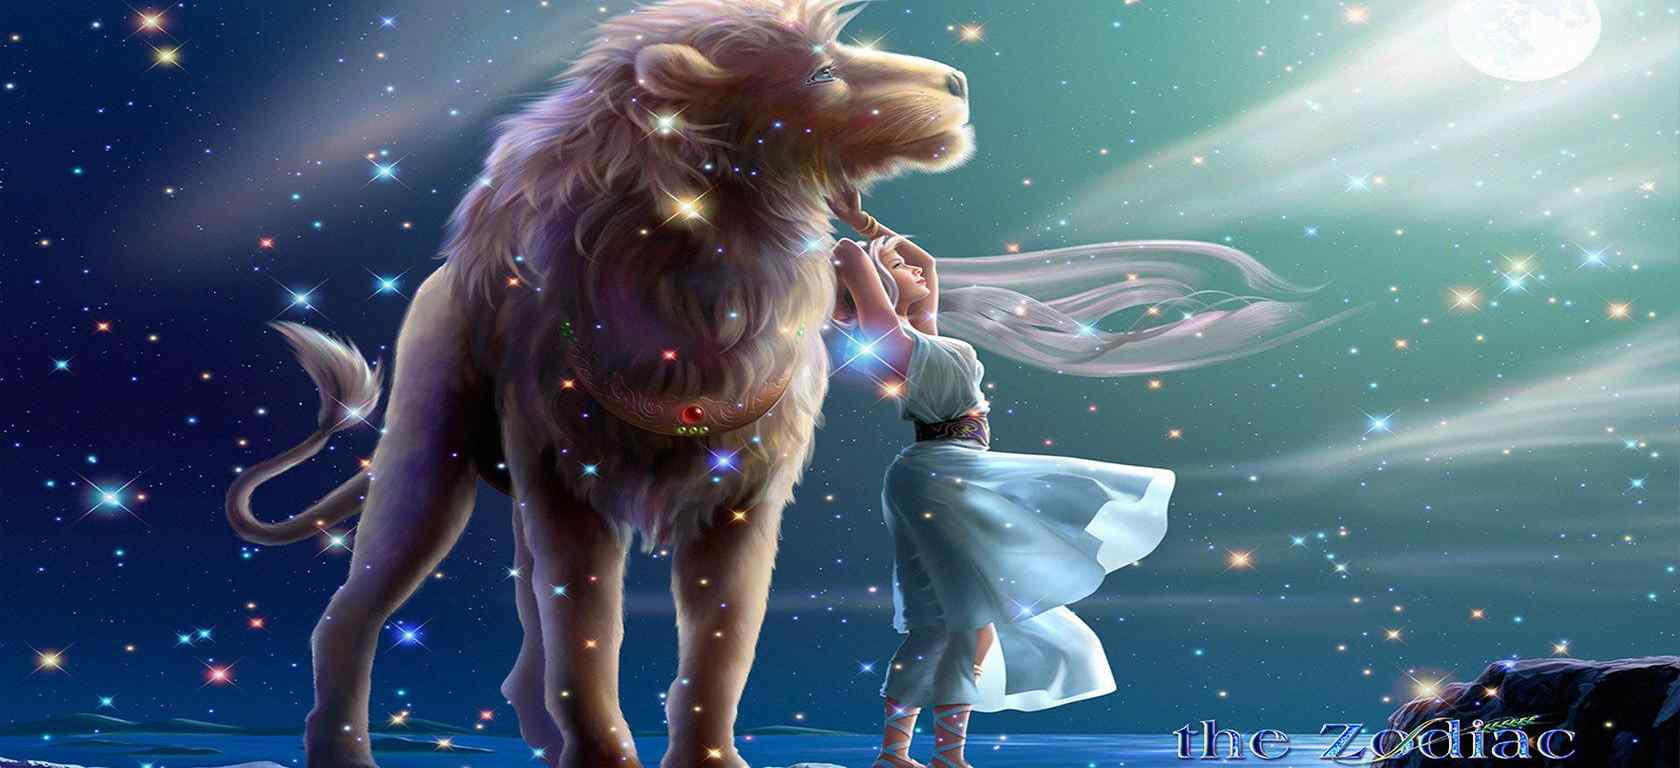 狮子座_十二星座狮子座_狮子座女生、男生_狮子座星座壁纸